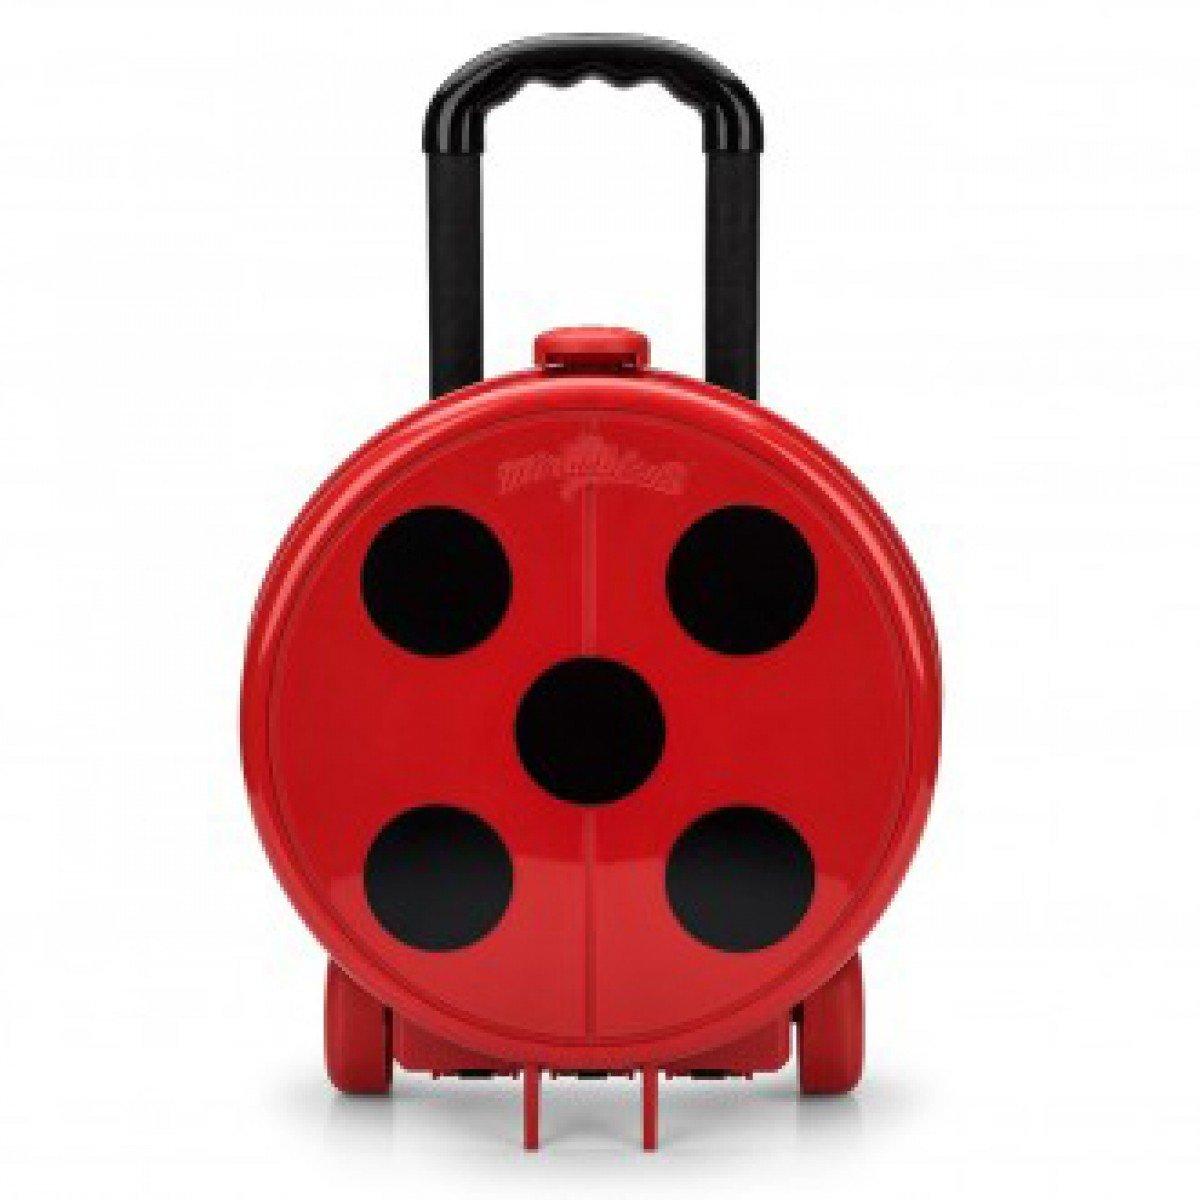 087b12fe01 Sandália Grendene Ladybug Trip Bag Vermelha - Compre Agora